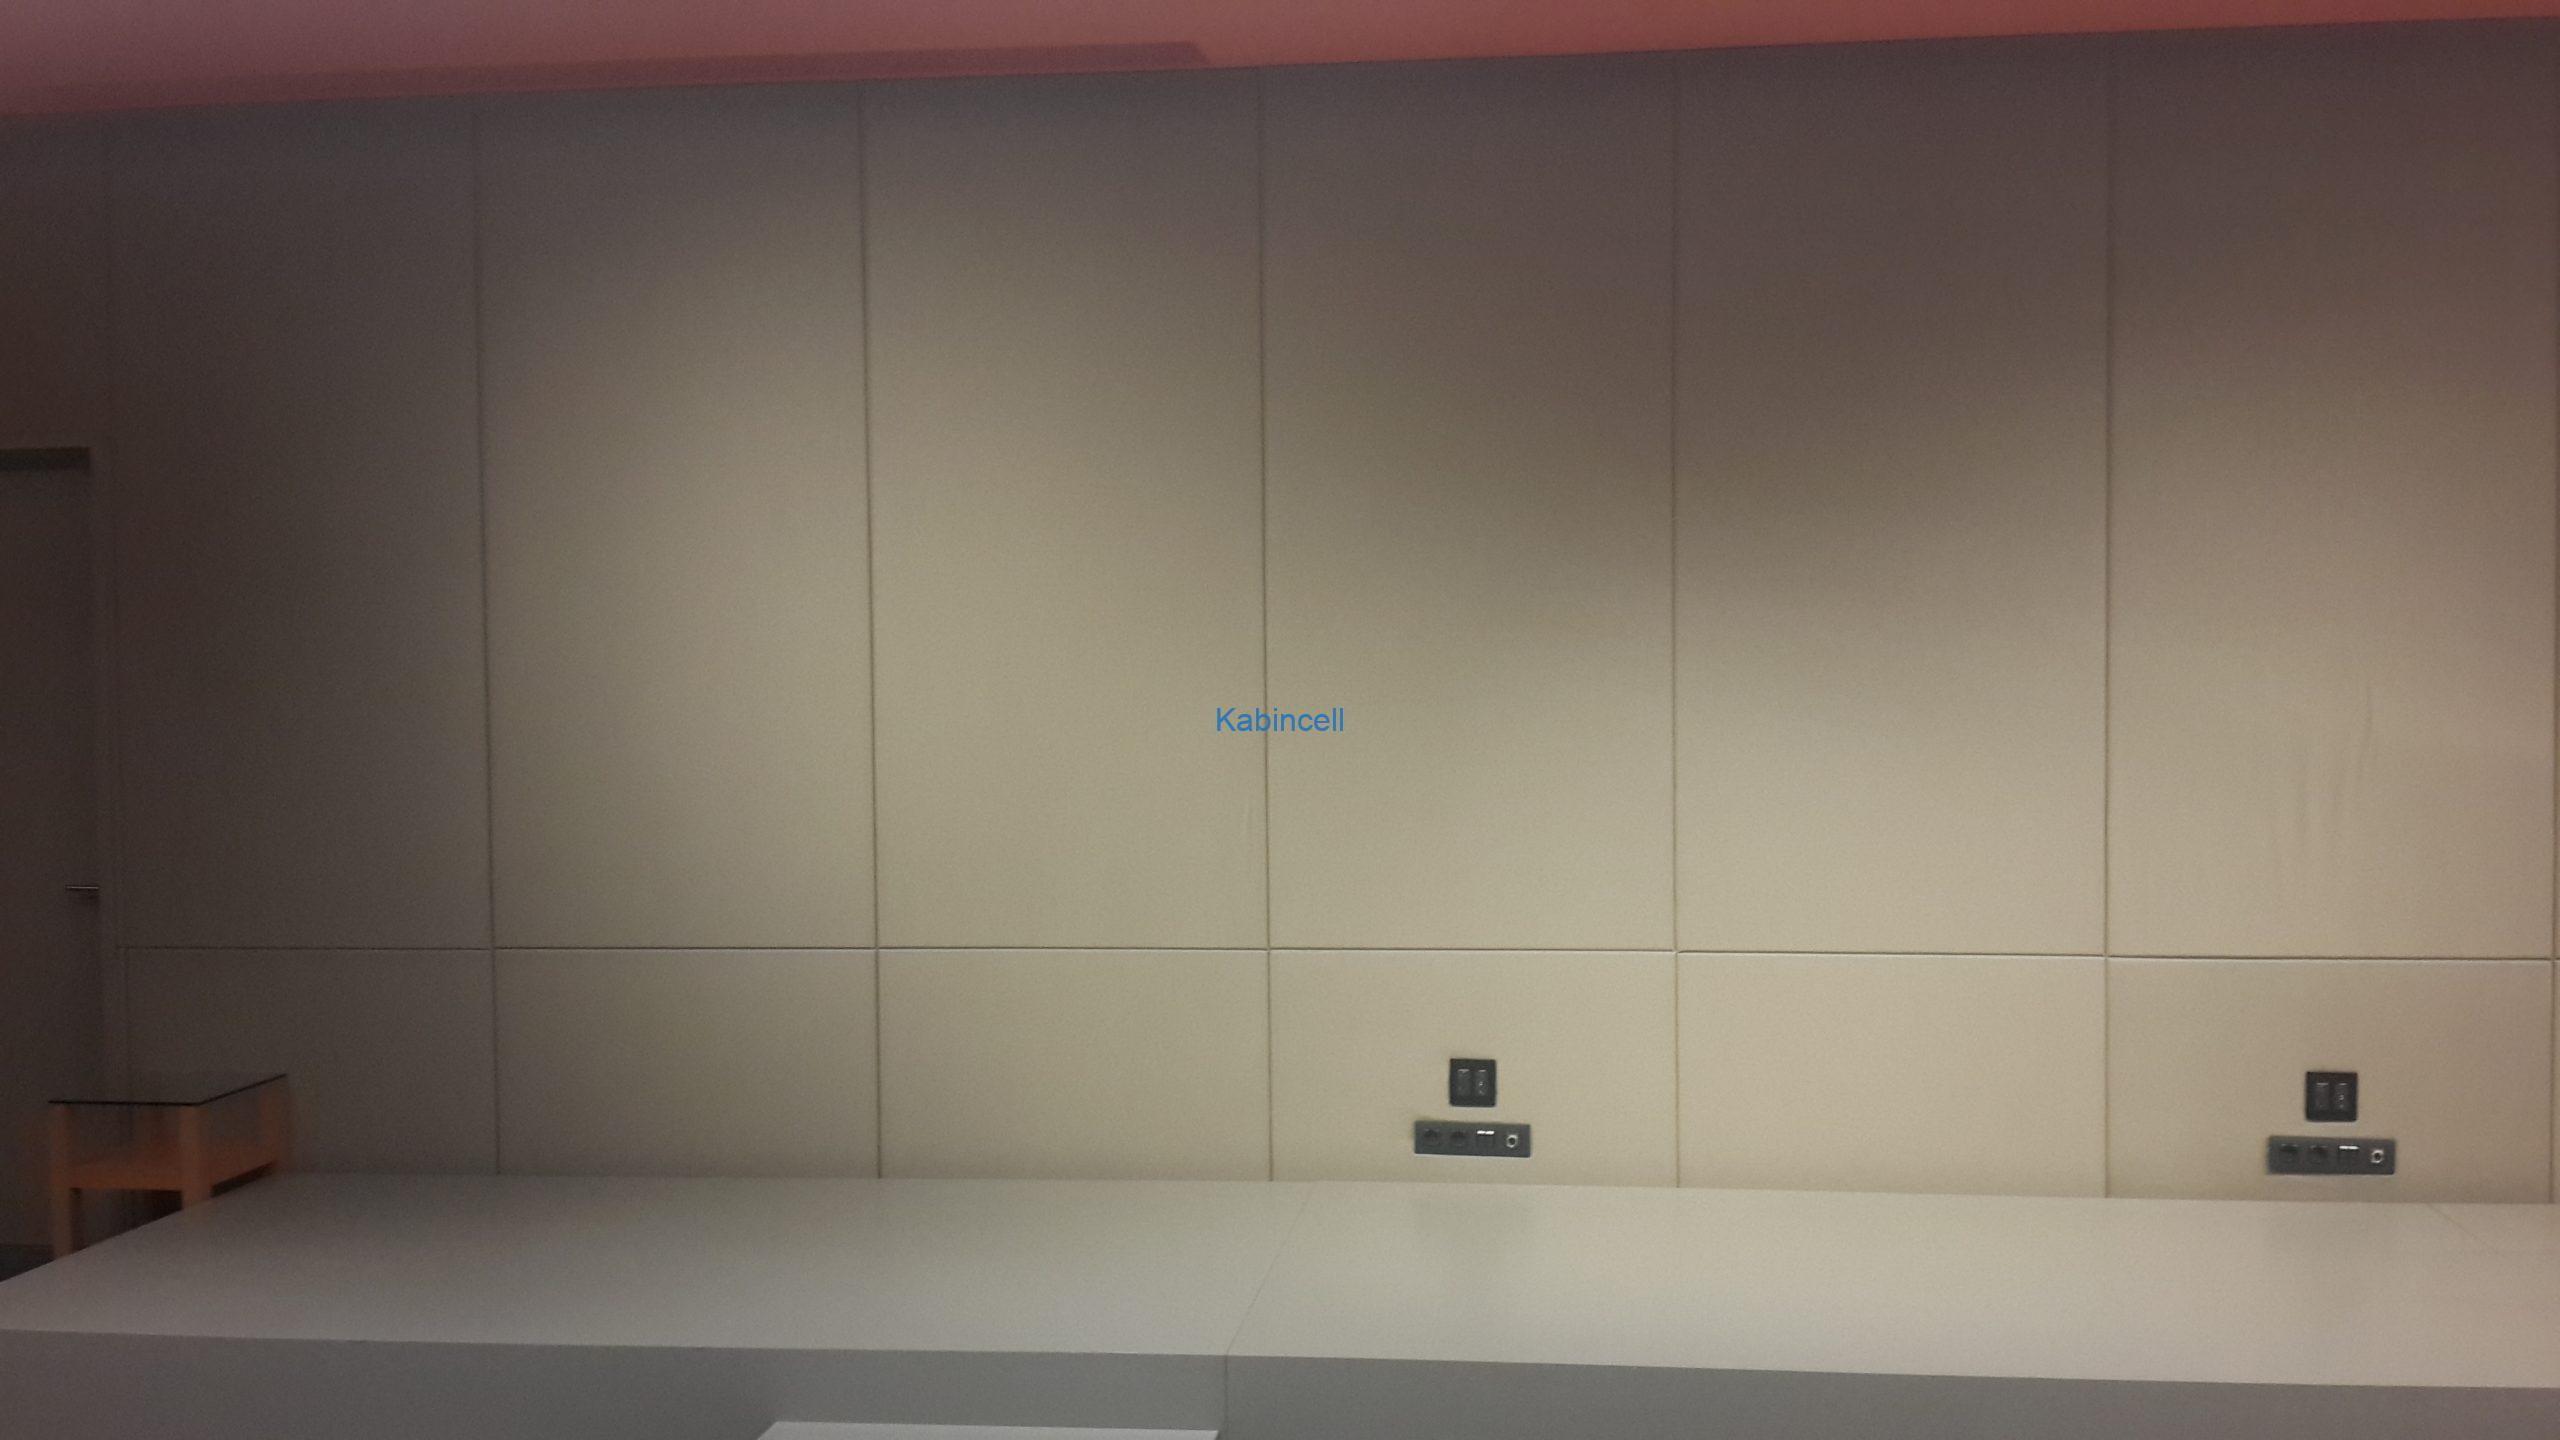 ing-bank-seminer-salonu-akustik-prjelendirme-kaplama-panel14